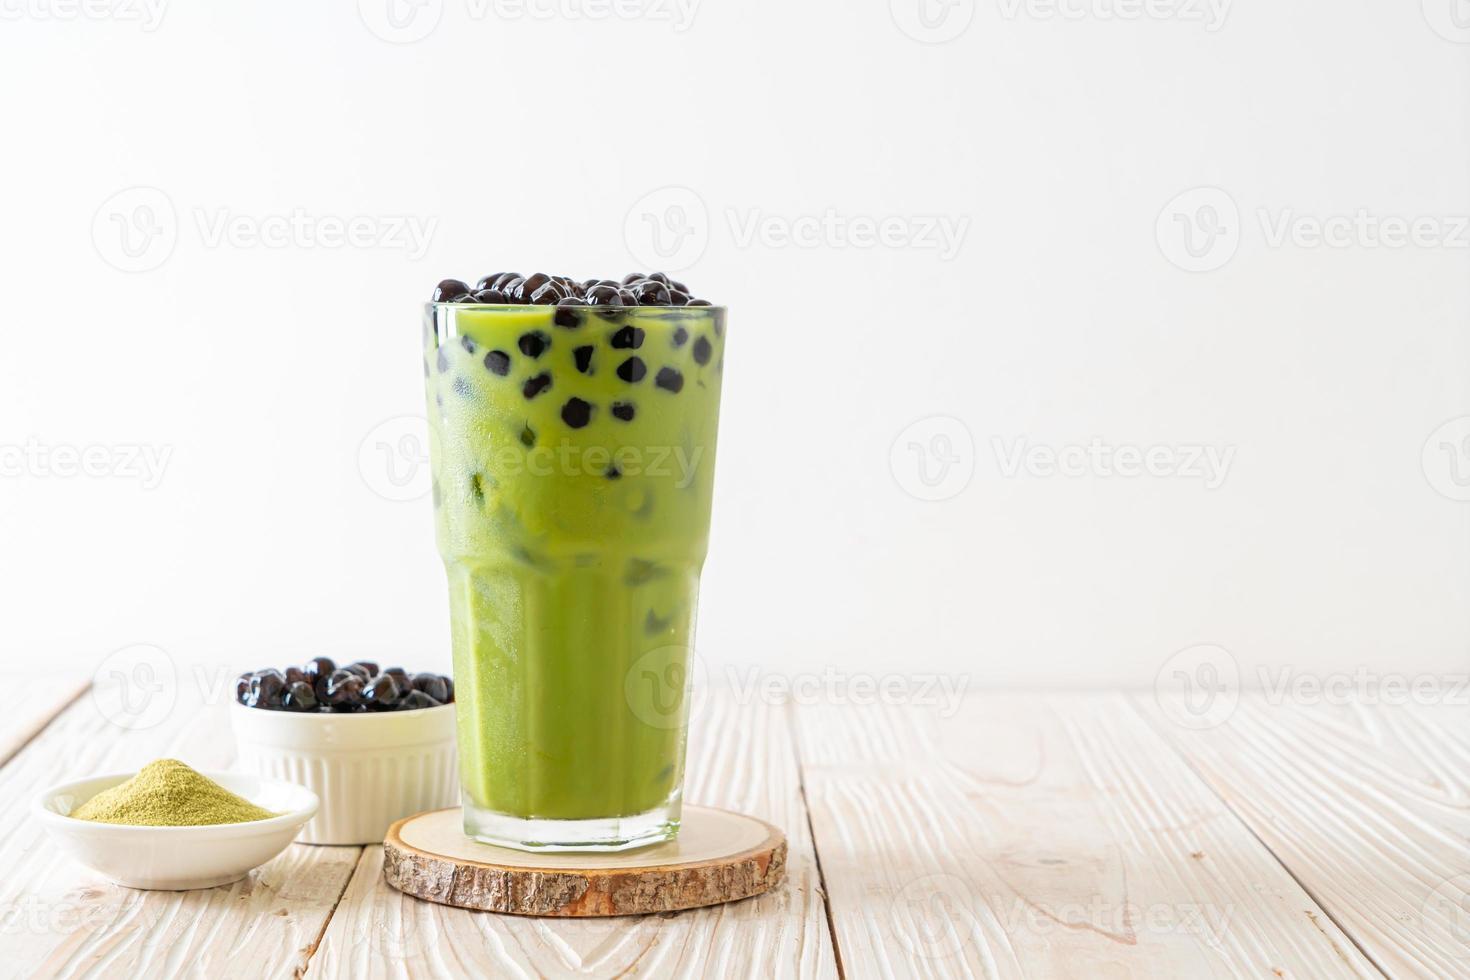 latte au thé vert matcha avec bulle photo